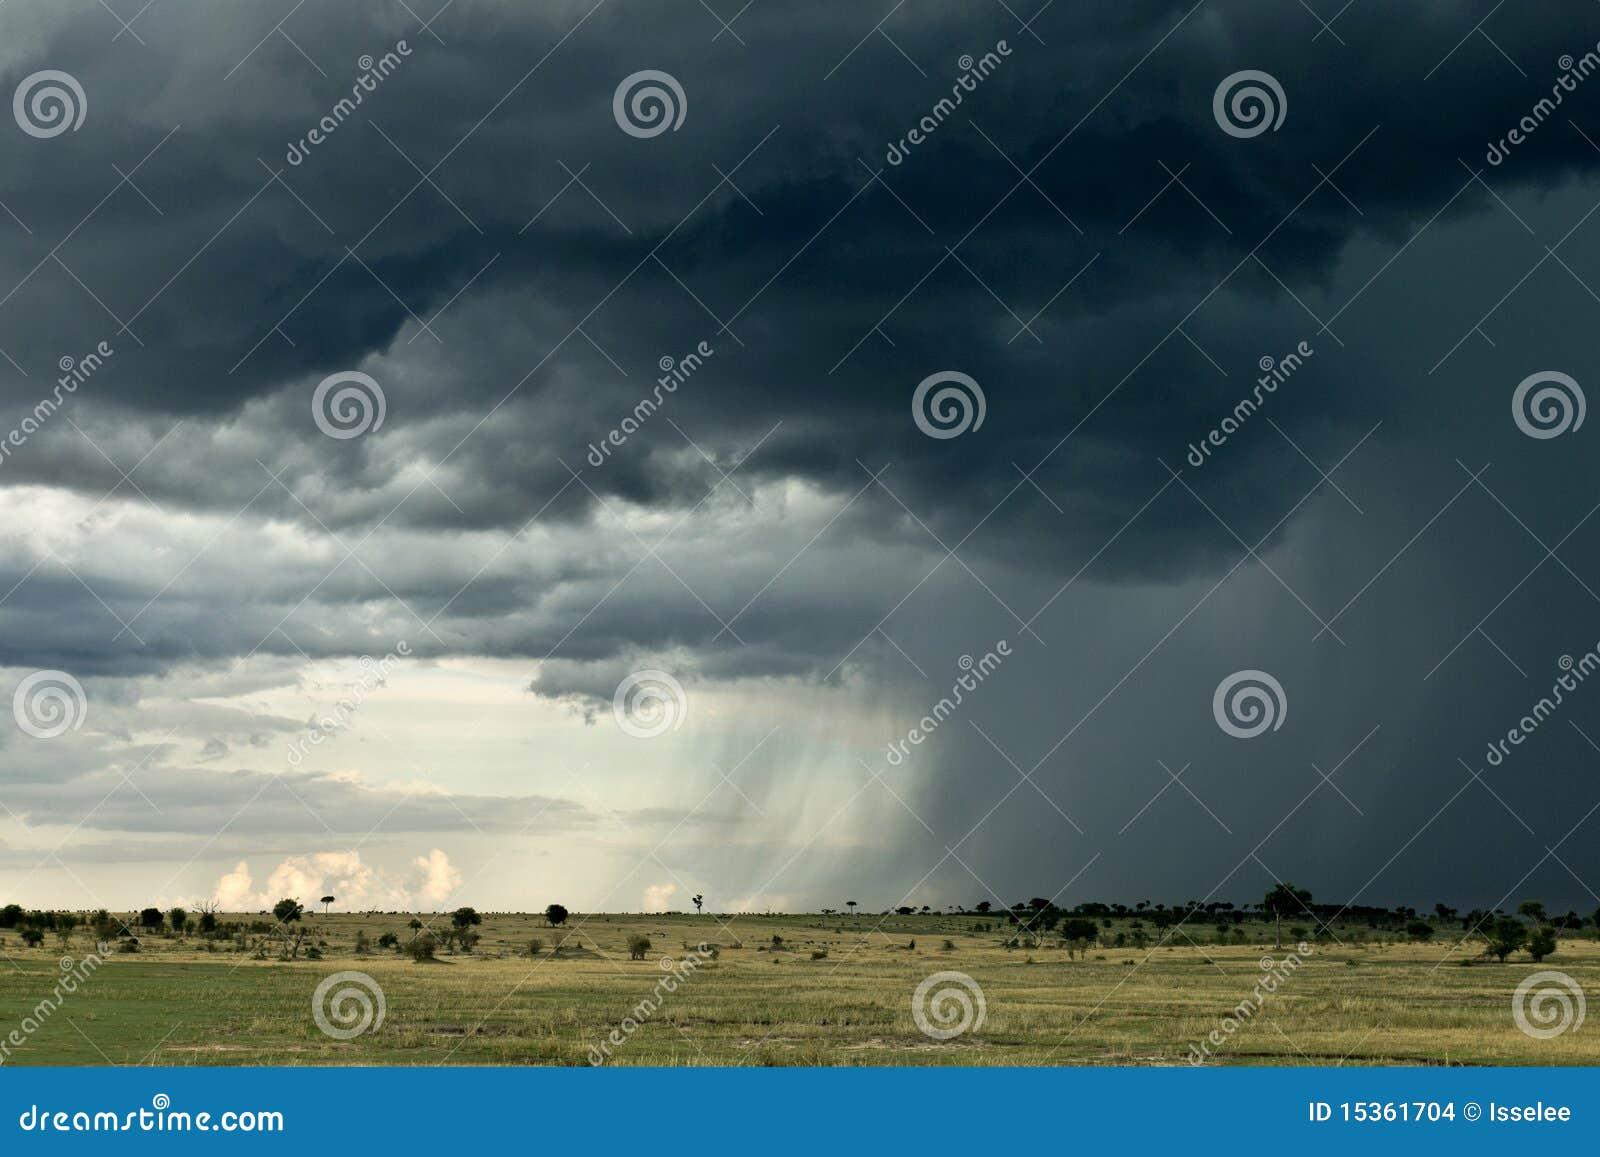 Rain cloud over Africa landscape